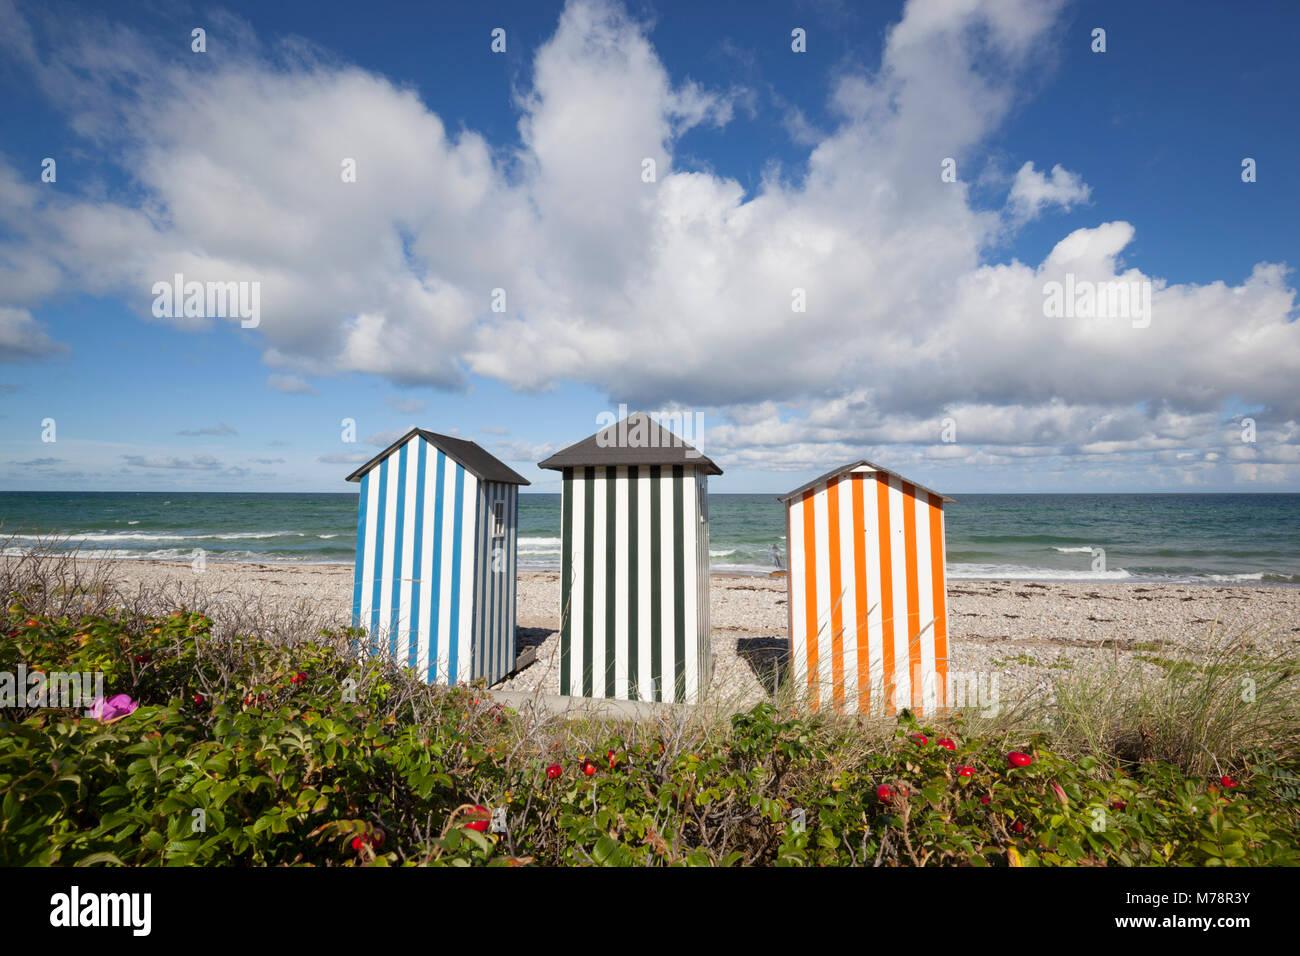 Coloridas casetas de playa en la playa de guijarros con el azul del mar y el cielo con nubes, Rageleje, Kattegat Foto de stock